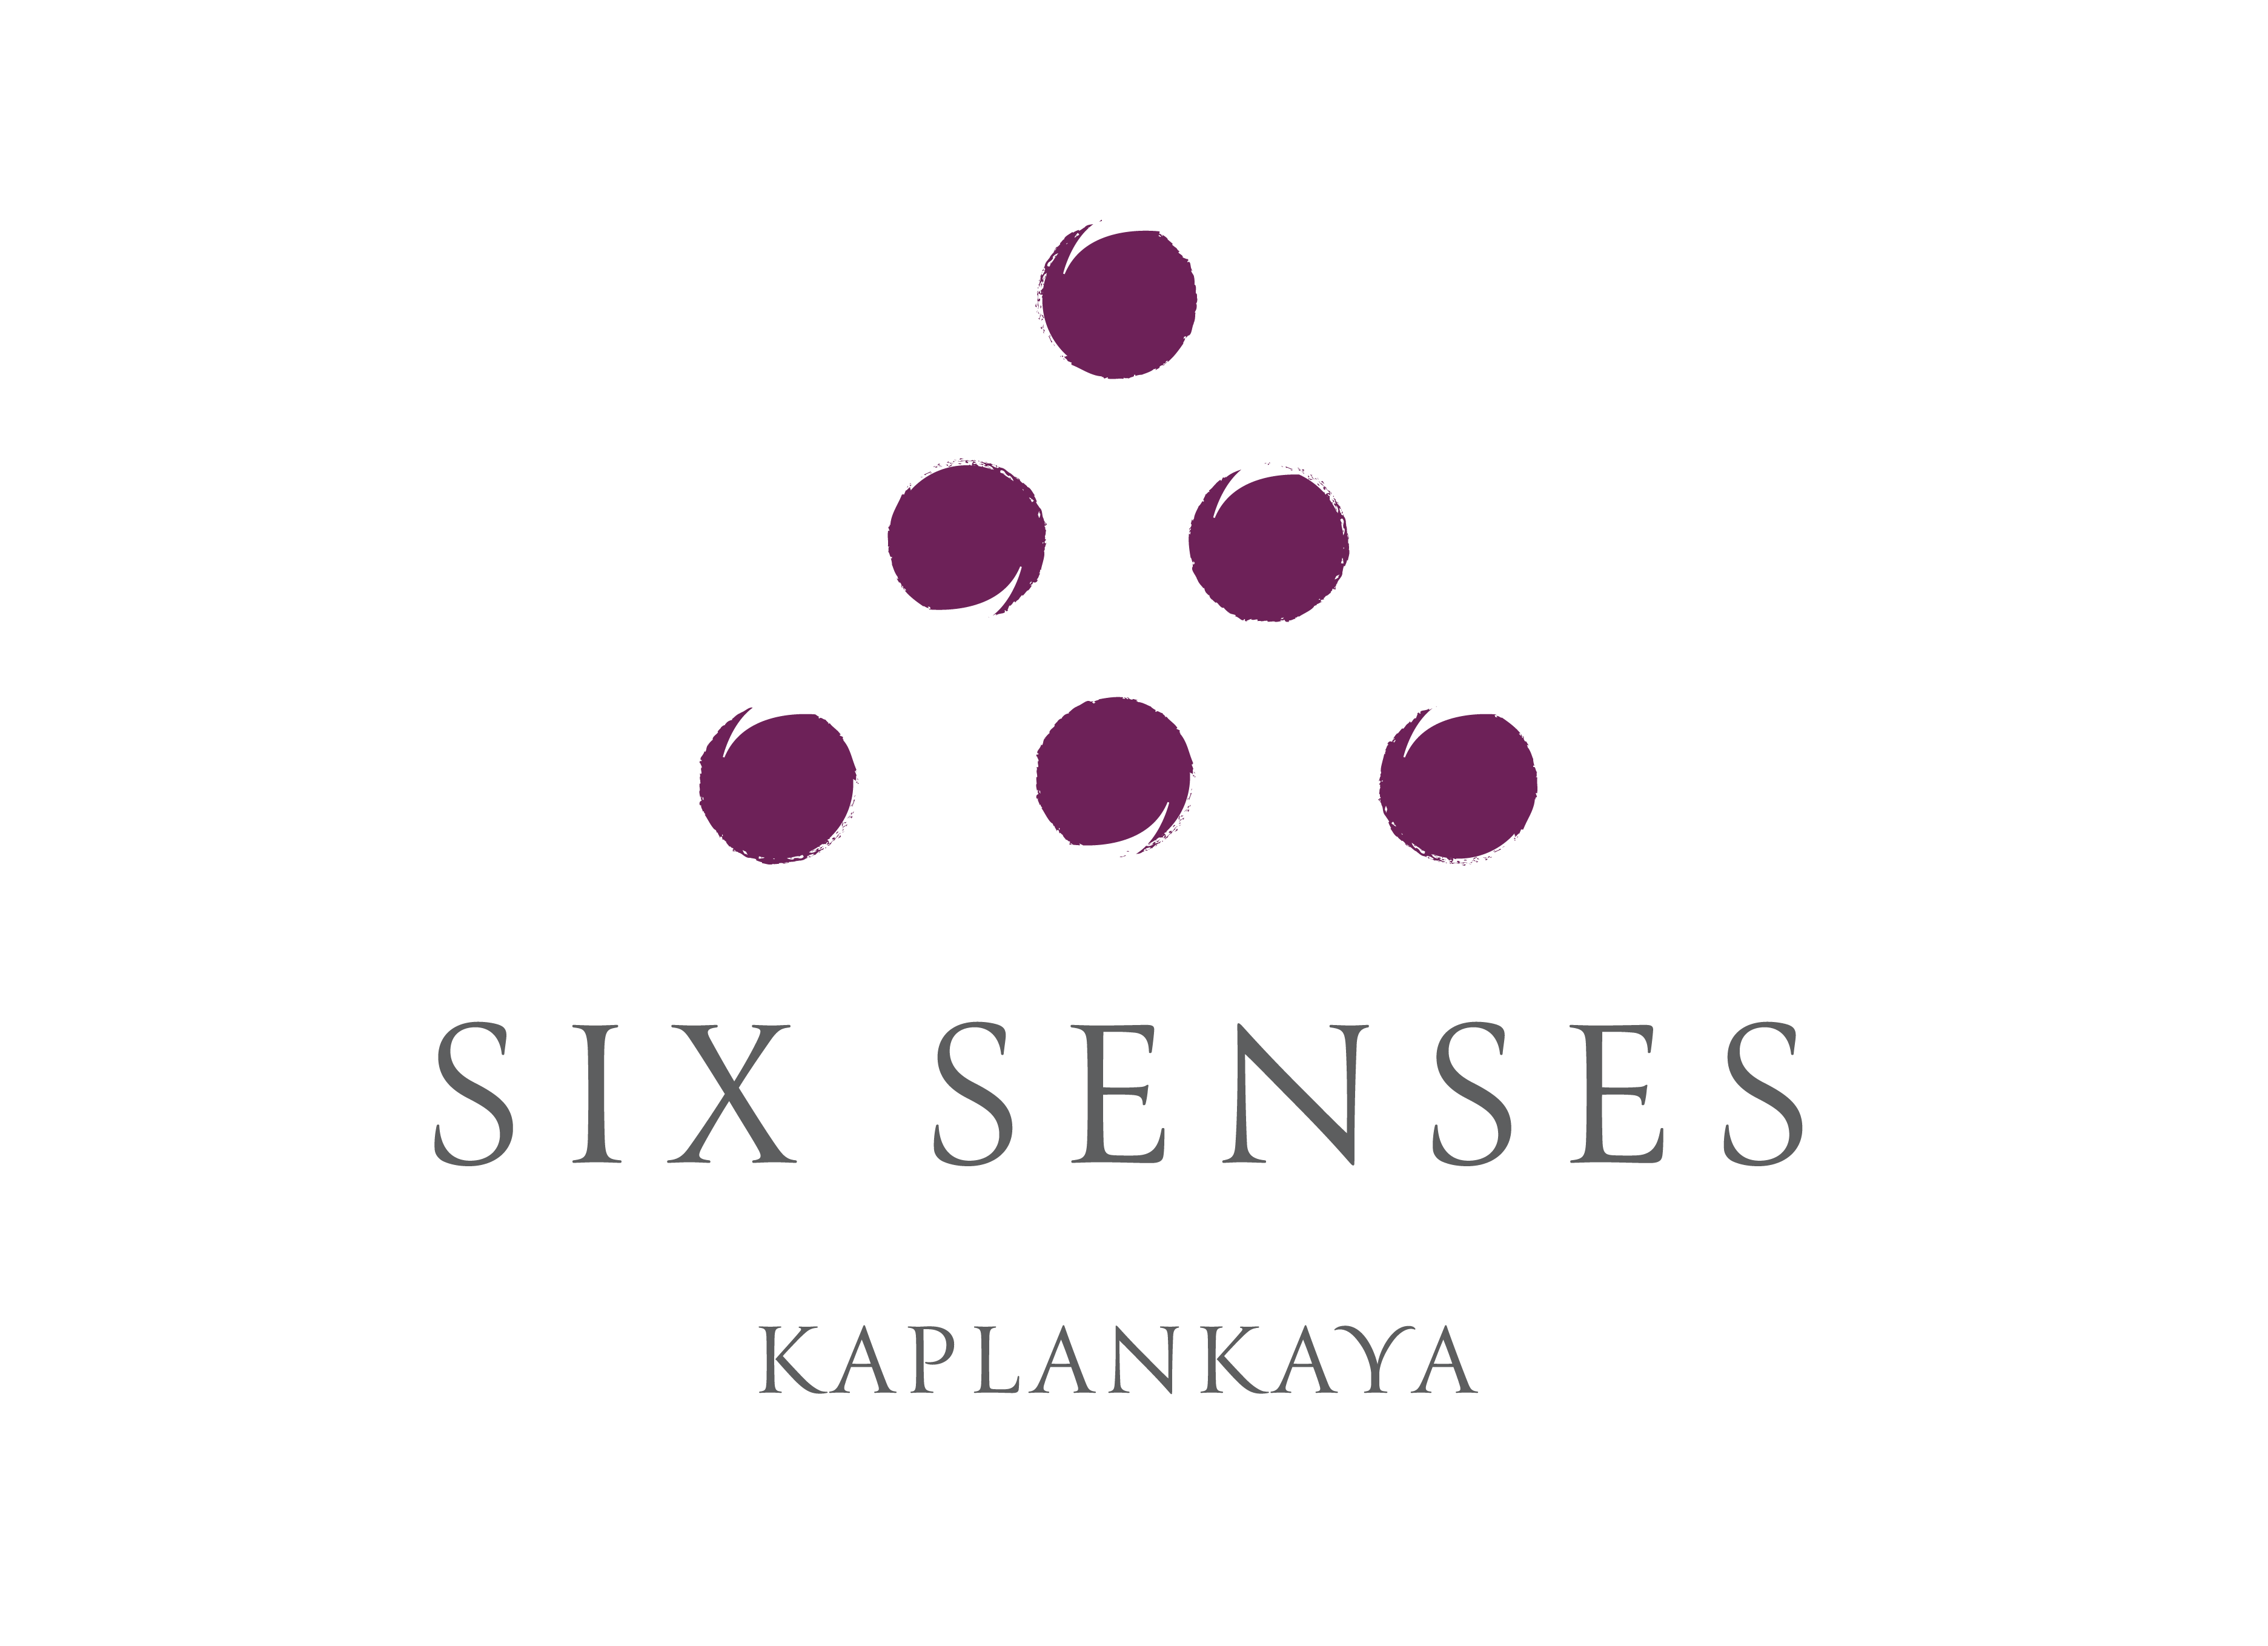 SS_Kaplankaya_standard_logo